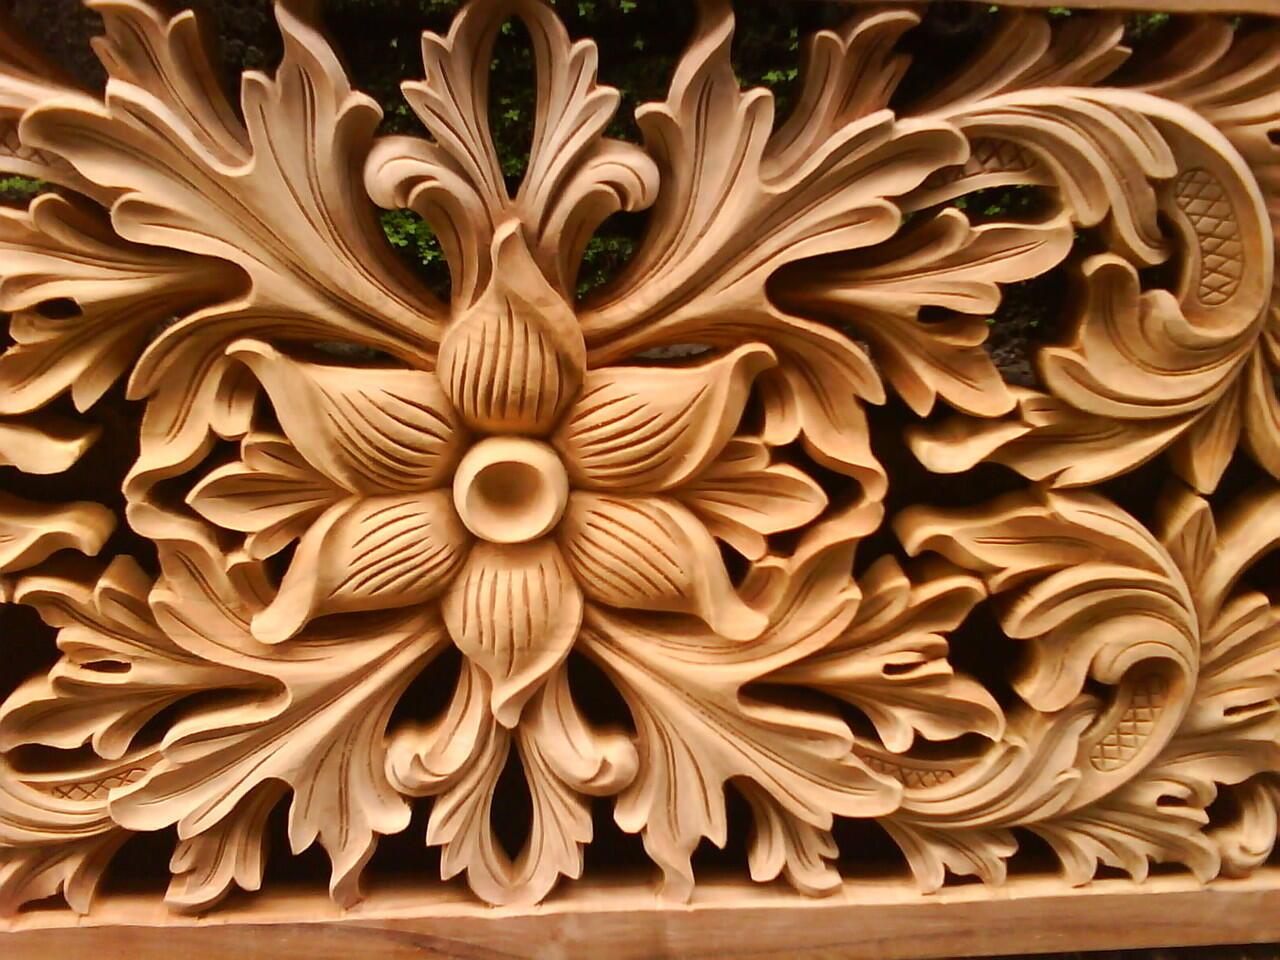 Jenis Ukiran Tradisional yang Bisa Jadi Inspirasi Dekorasi Rumah